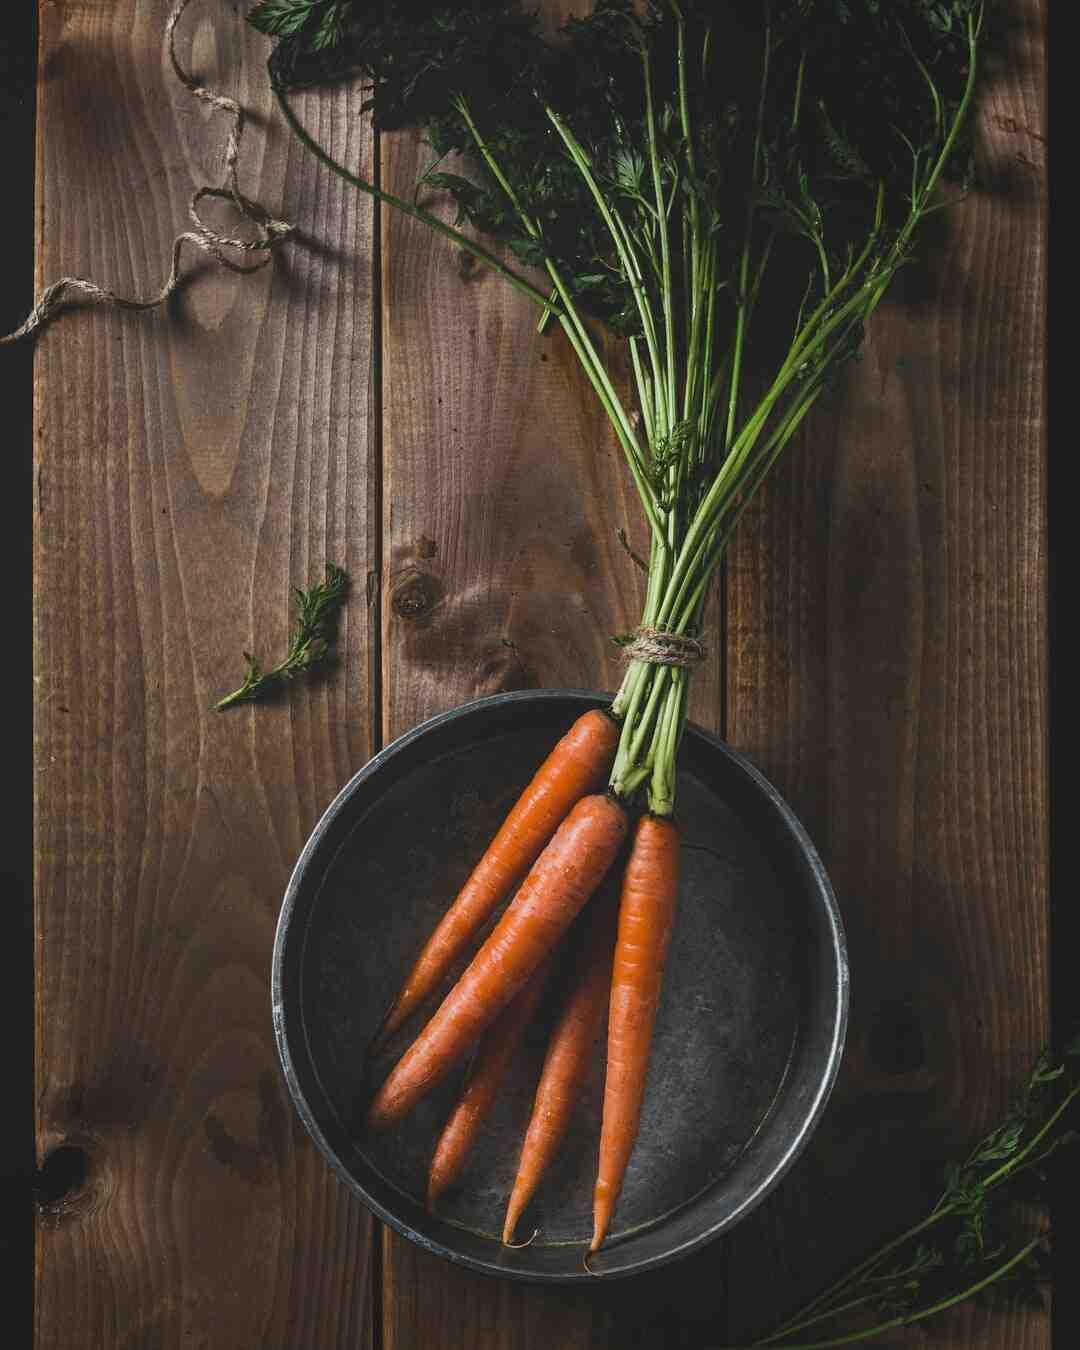 Comment choisir et conserver des carottes